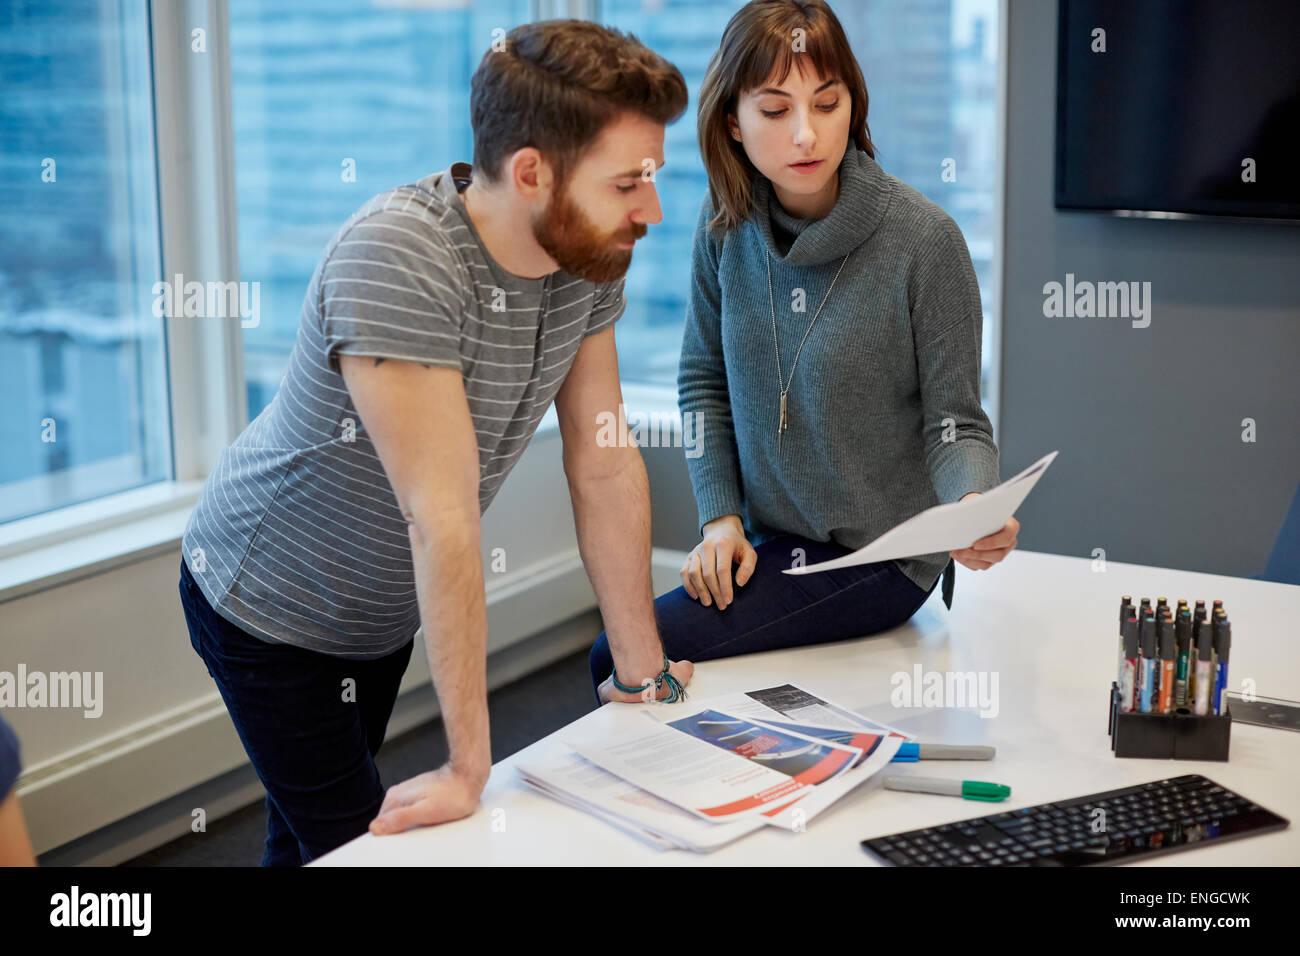 Zwei Kollegen, Mann und Frau mit Blick auf Druckseiten auf einem Schreibtisch. Stockbild